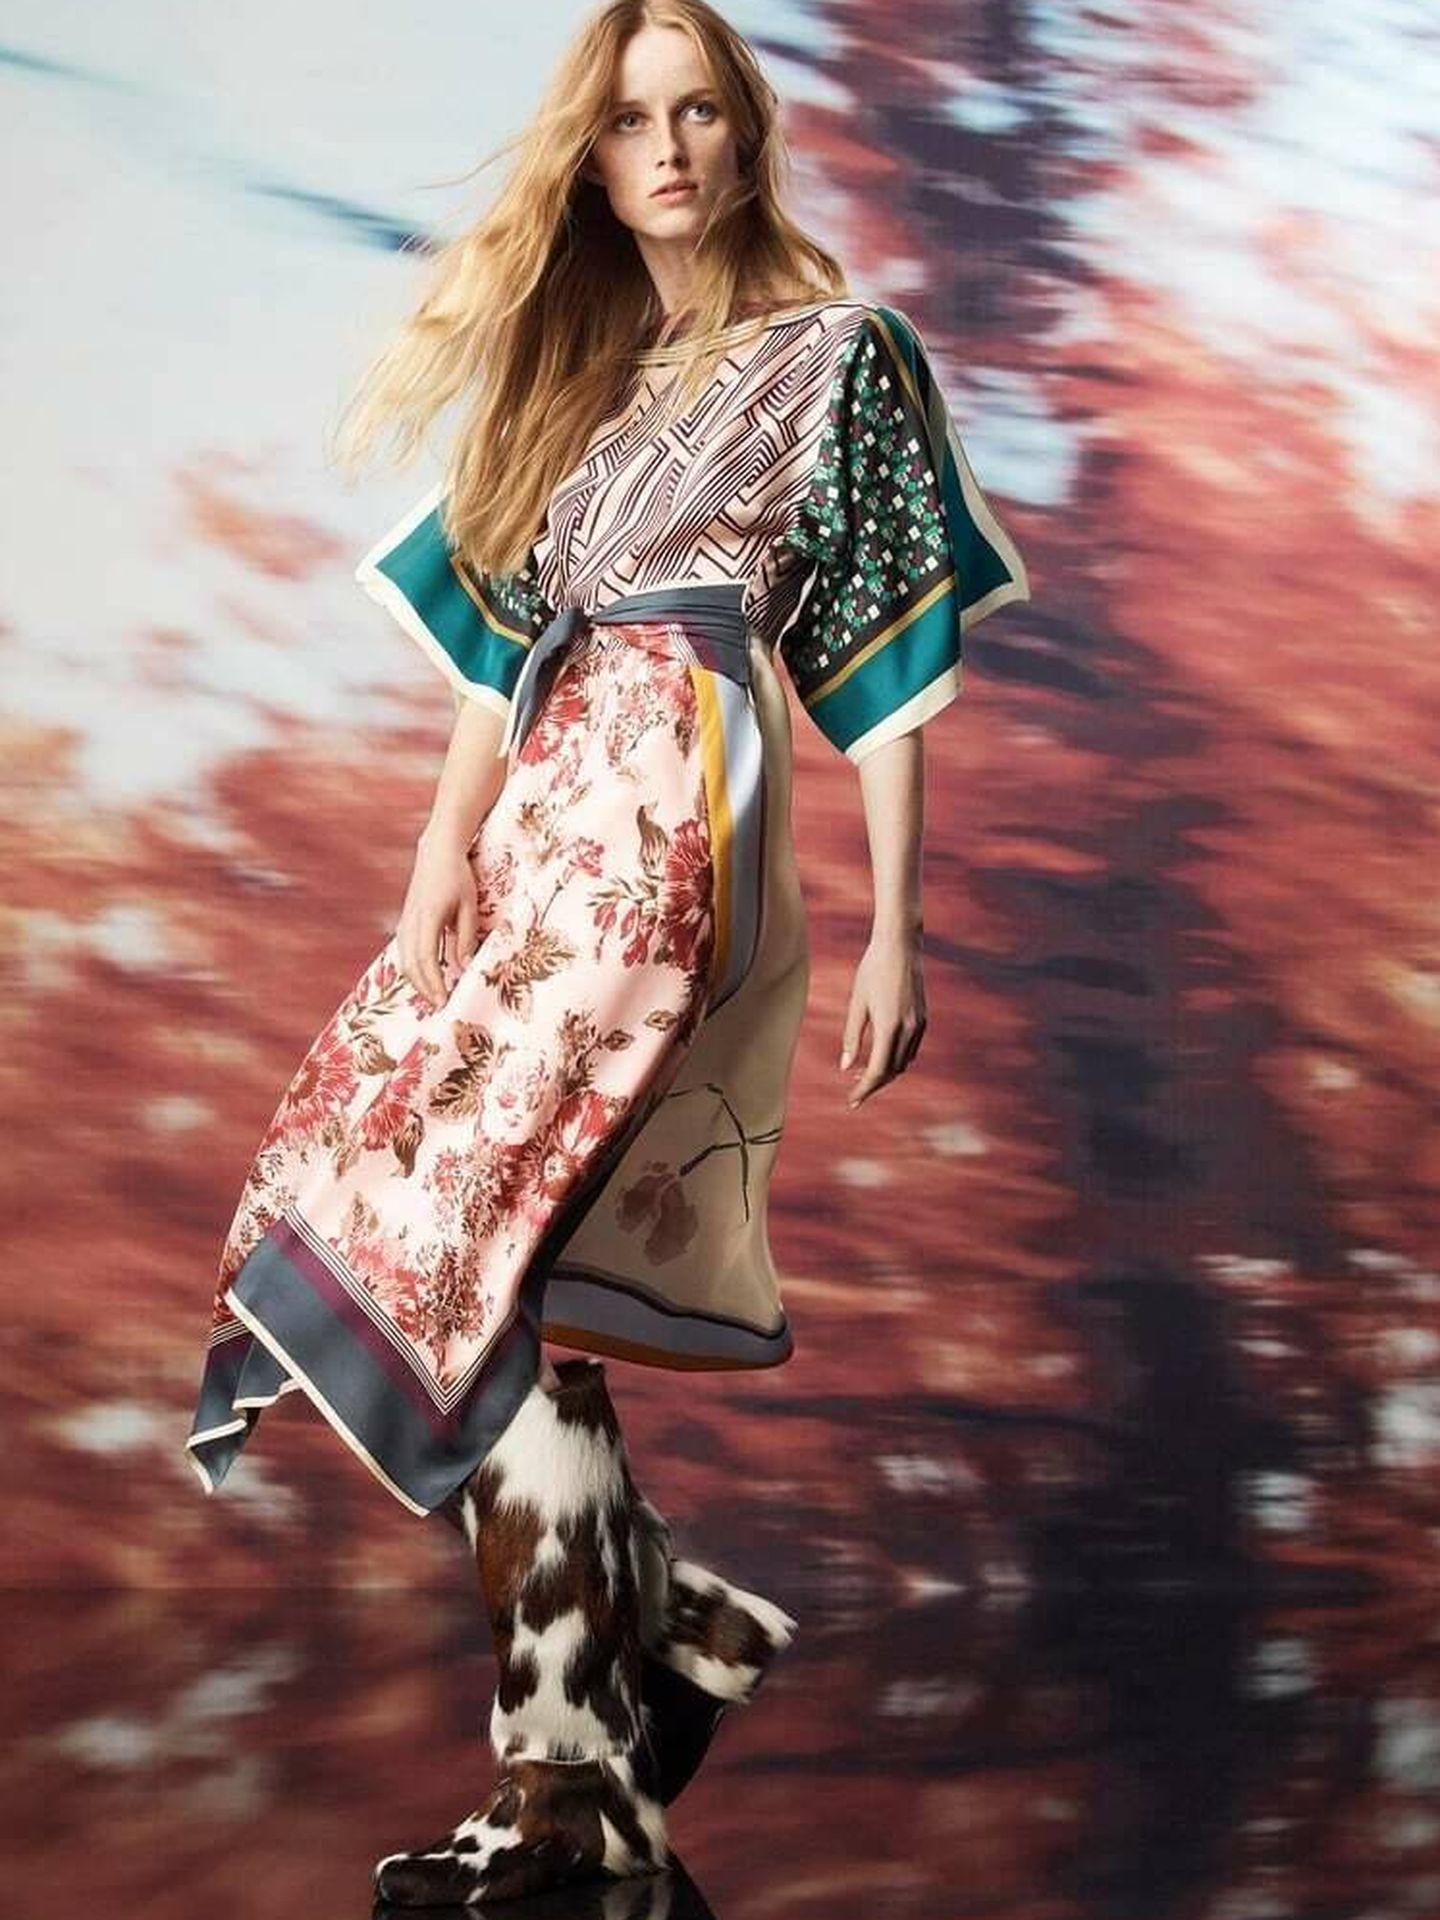 El nuevo vestido de Zara de la colección Scarf Collection Limited Edition. (Cortesía)